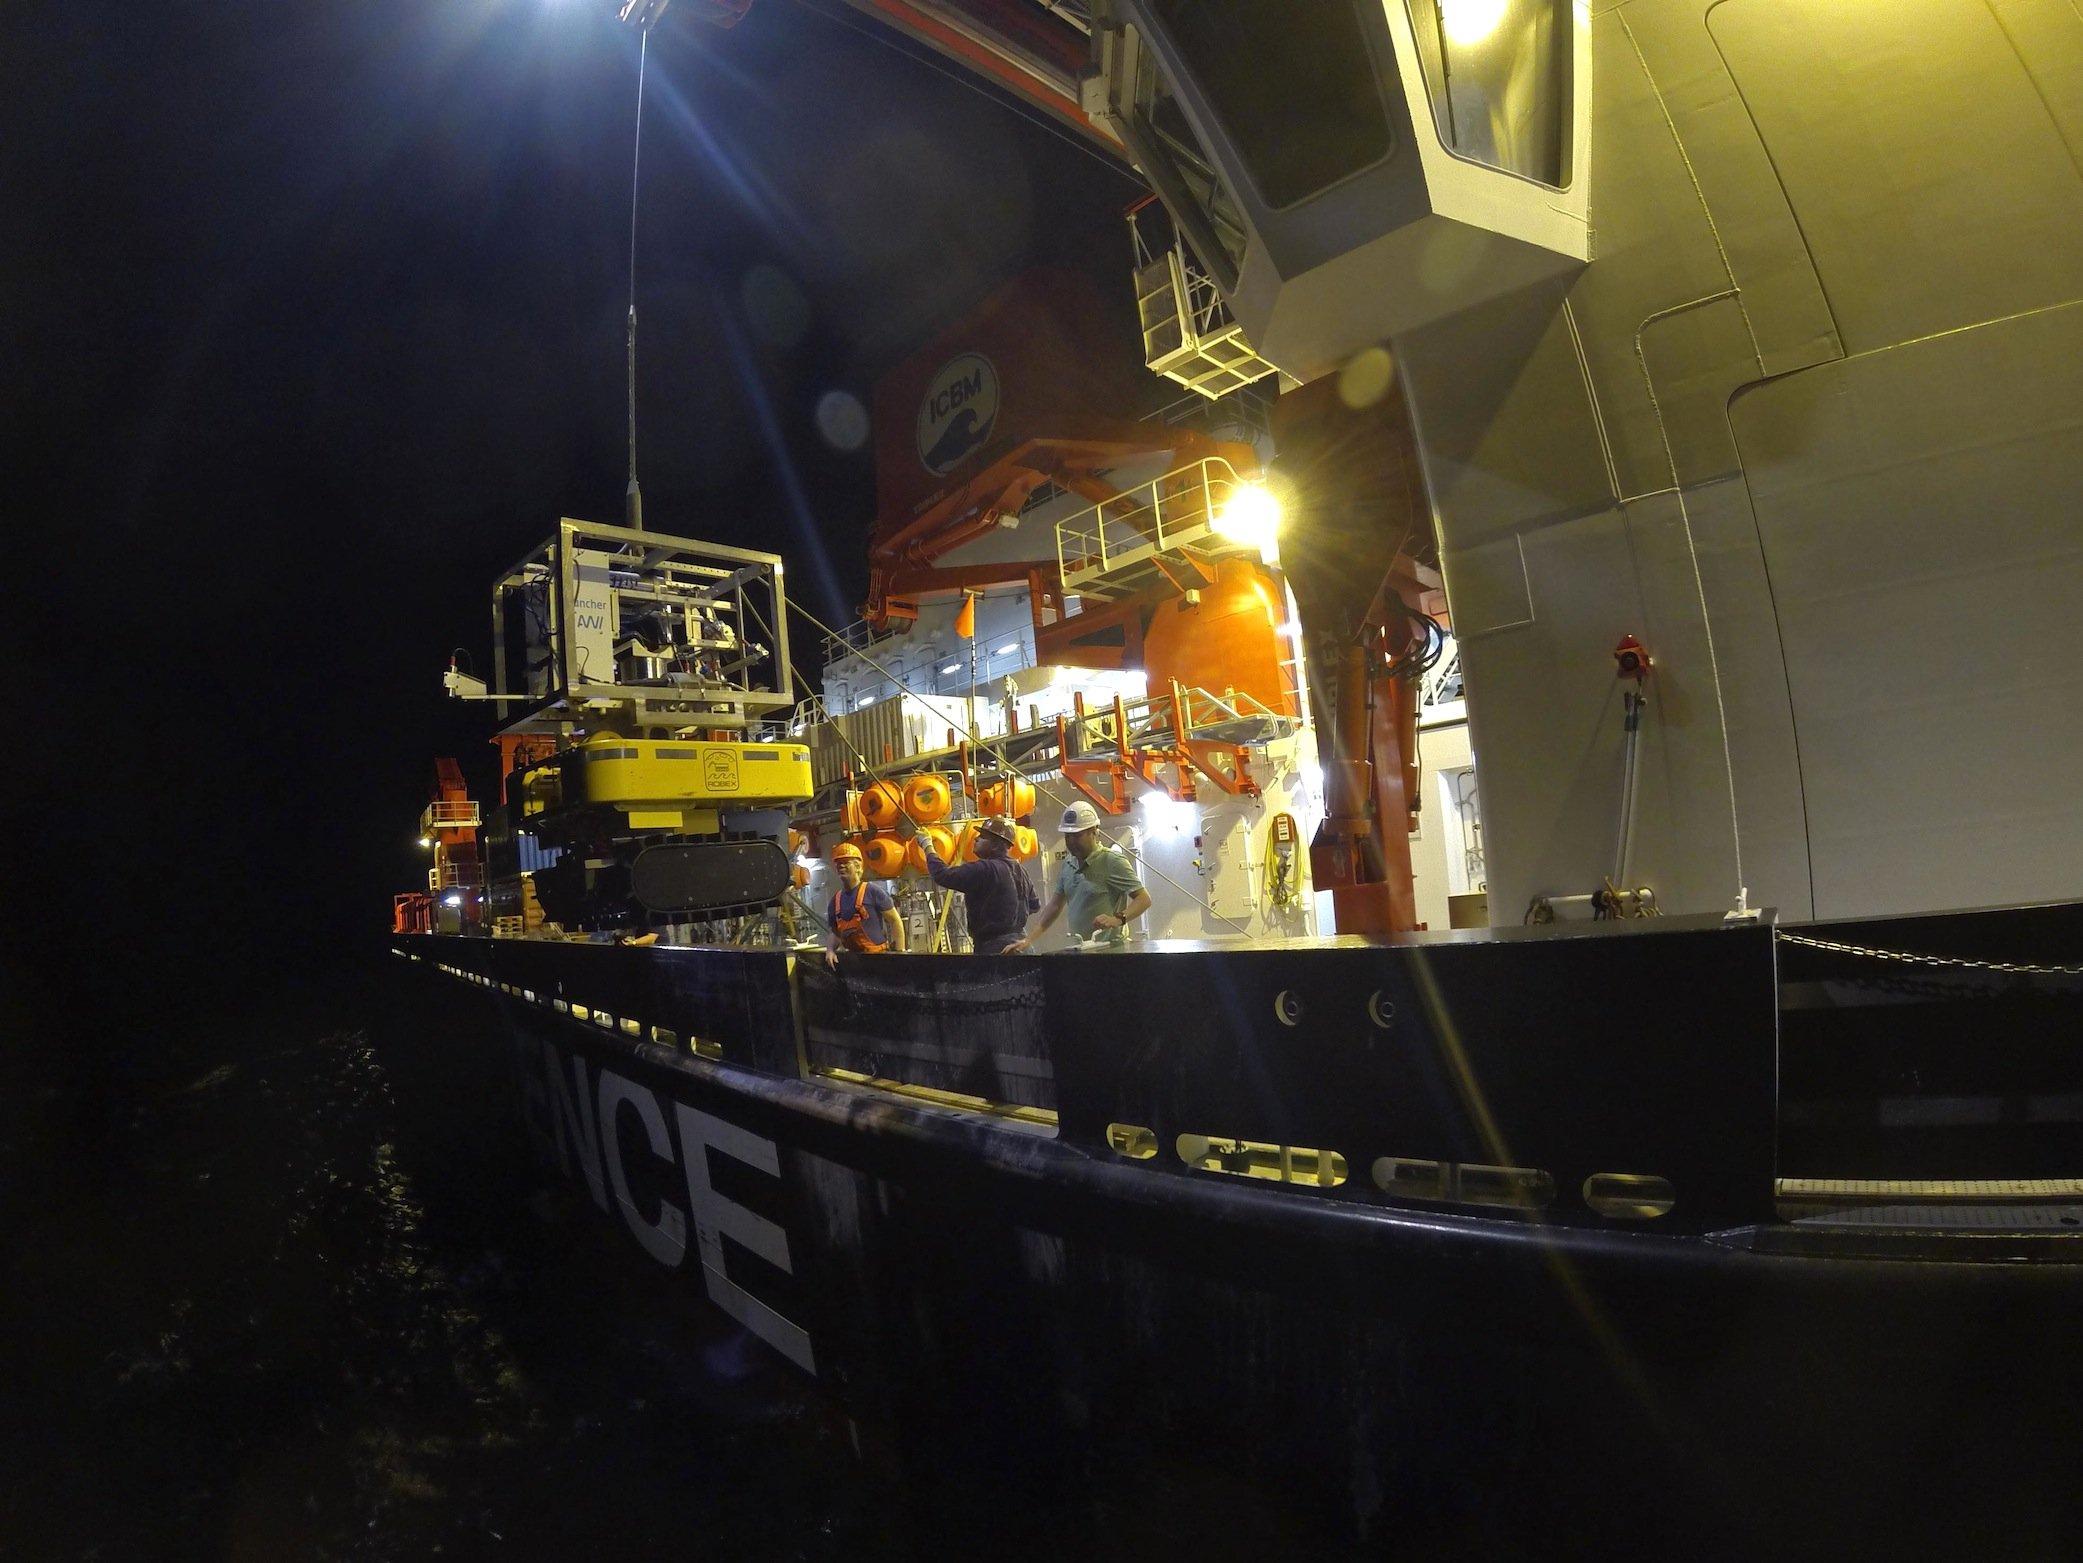 Die Forscher an Bord des Forschungsschiffes Sonne setzen den Tiefseeroboter Tramper im Pazifischen Ozean aus.